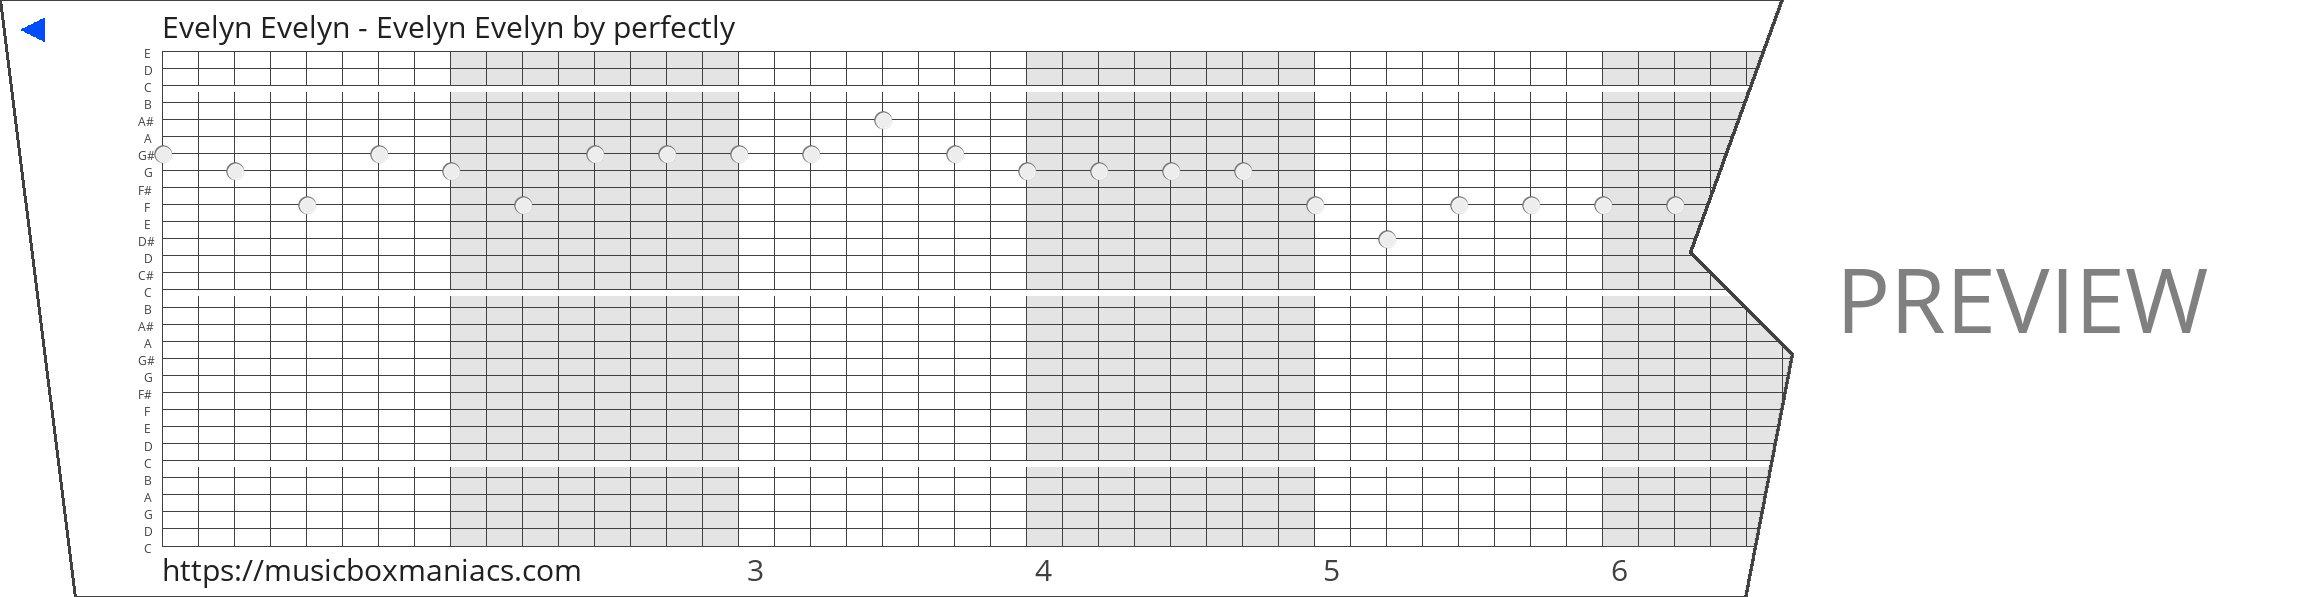 Evelyn Evelyn - Evelyn Evelyn 30 note music box paper strip